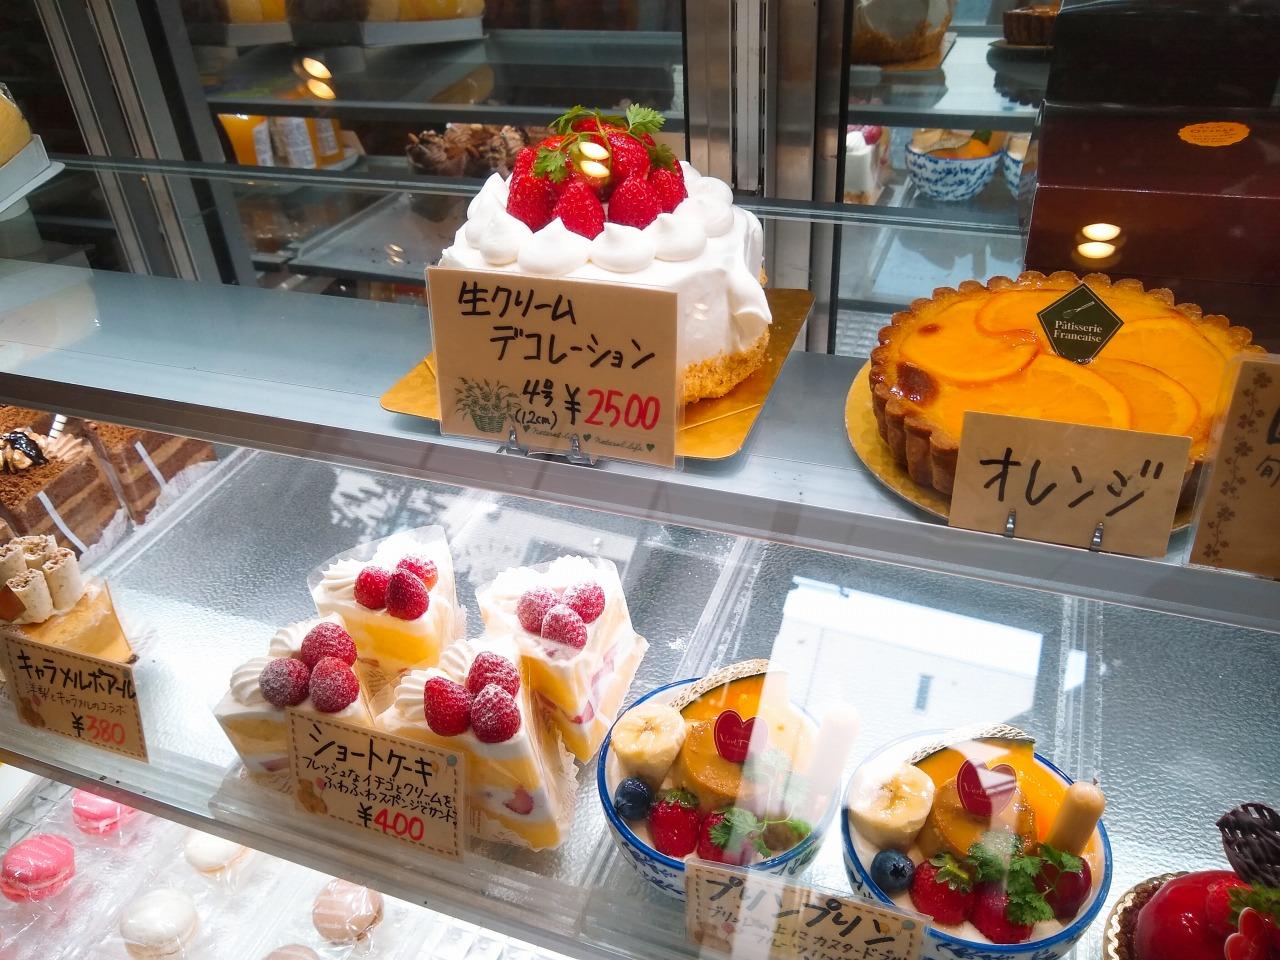 ヴェルプレのケーキ種類